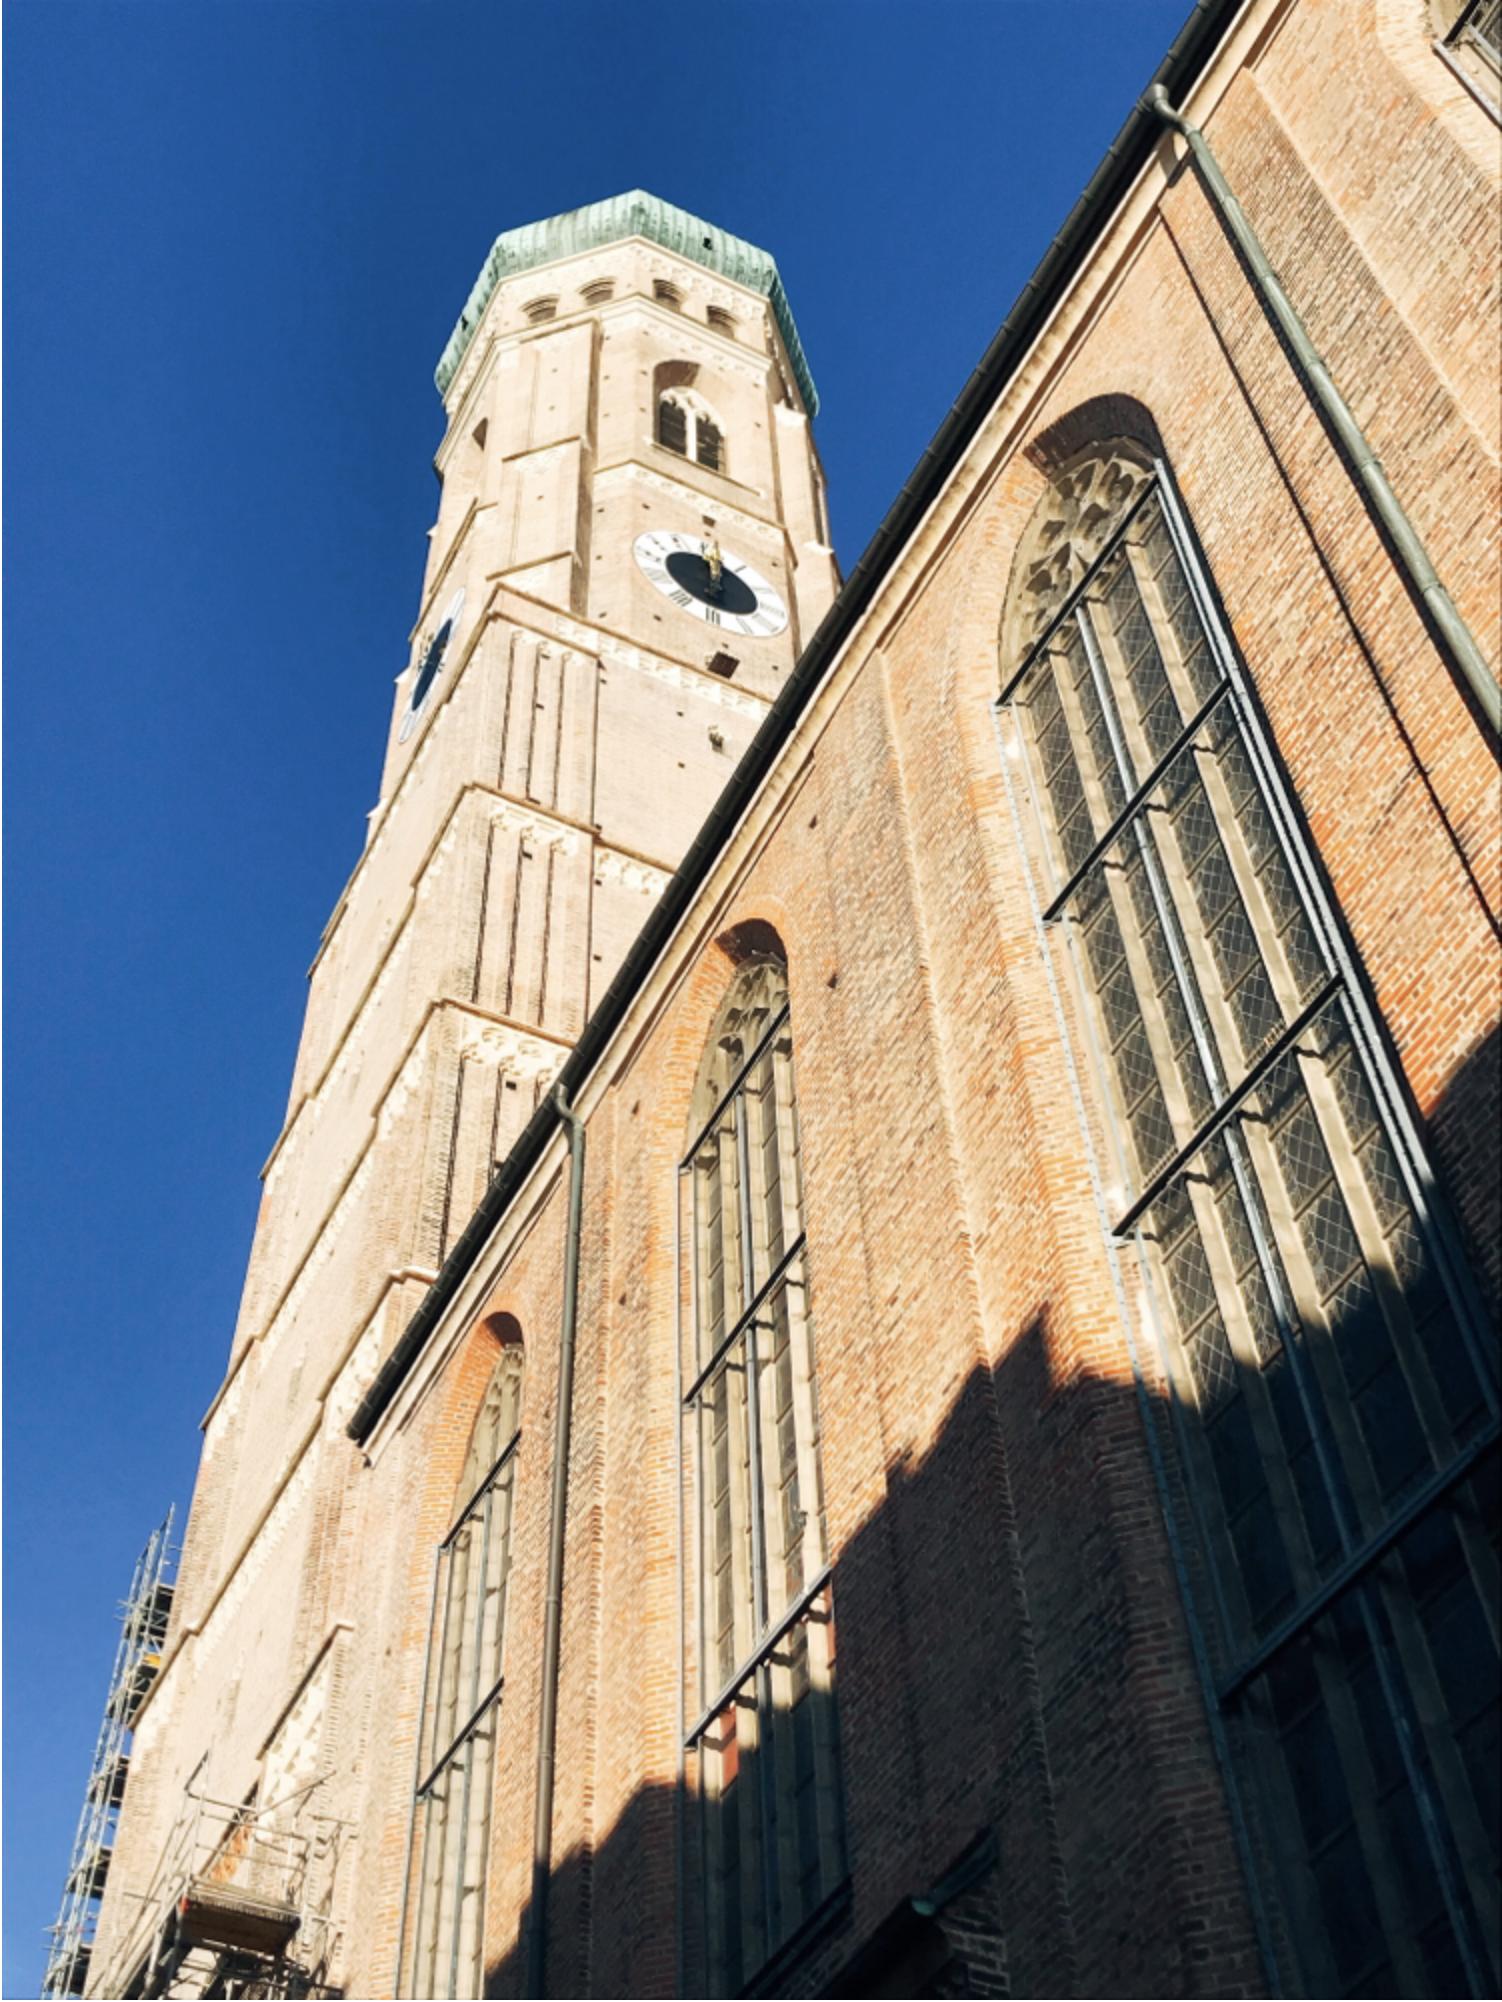 ミュンヘン市内観光 フラウエン教会 2